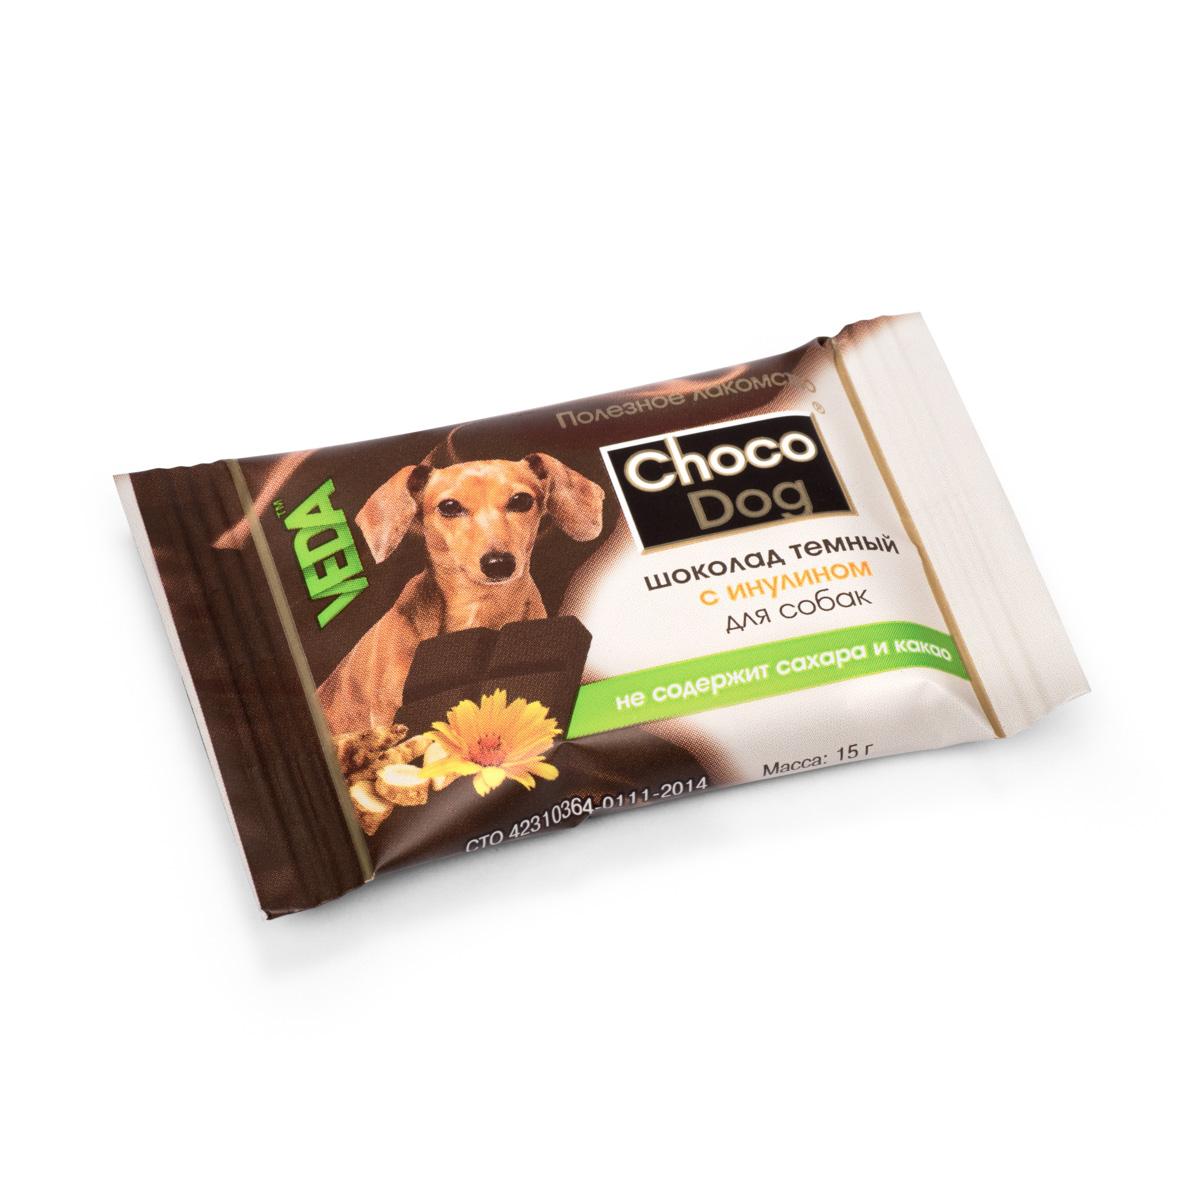 Лакомство для собак VEDA Choco Dog, темный шоколад с инулином, 15 г4605543006579Лакомство для собак VEDA Choco Dog представляет собой дополнительный функциональный корм для непродуктивных животных, предназначенный для использования в качестве лакомства с целью поощрения и дрессуры животных. Сладкое лакомство для собак, обогащённое полезным наполнителем.Инулин обладает пребиотическими свойствами, а значит способствует поддержанию здоровой микрофлоры кишечника животного. Его присутствие в составе обогащает любой продукт.Состав, энергетическая и пищевая ценность: заменитель масла какао, лактоза, порошок плодов рожкового дерева, сухая молочная сыворотка, инулин, чёрный альбумин, лецитин, стевиозид, пищевой ароматизатор. Пищевая ценность в 100 г: белки 3,5 г, жиры 40 г, углеводы 50 г.Энергетическая ценность в 100 г: 560 ккал.Товар сертифицирован.Чем кормить пожилых собак: советы ветеринара. Статья OZON Гид